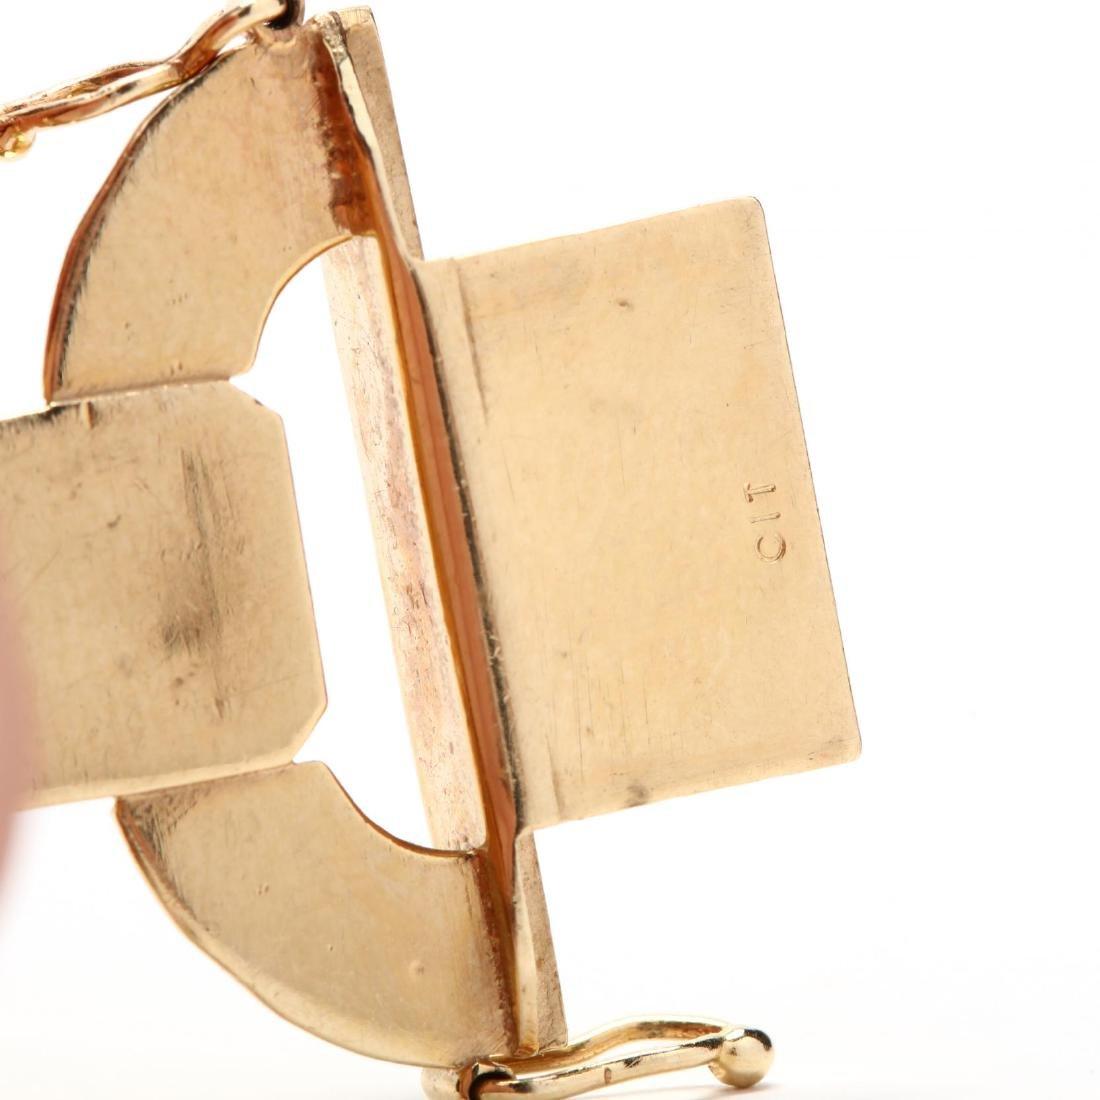 14KT Gold Bracelet and Earrings, Italy - 4